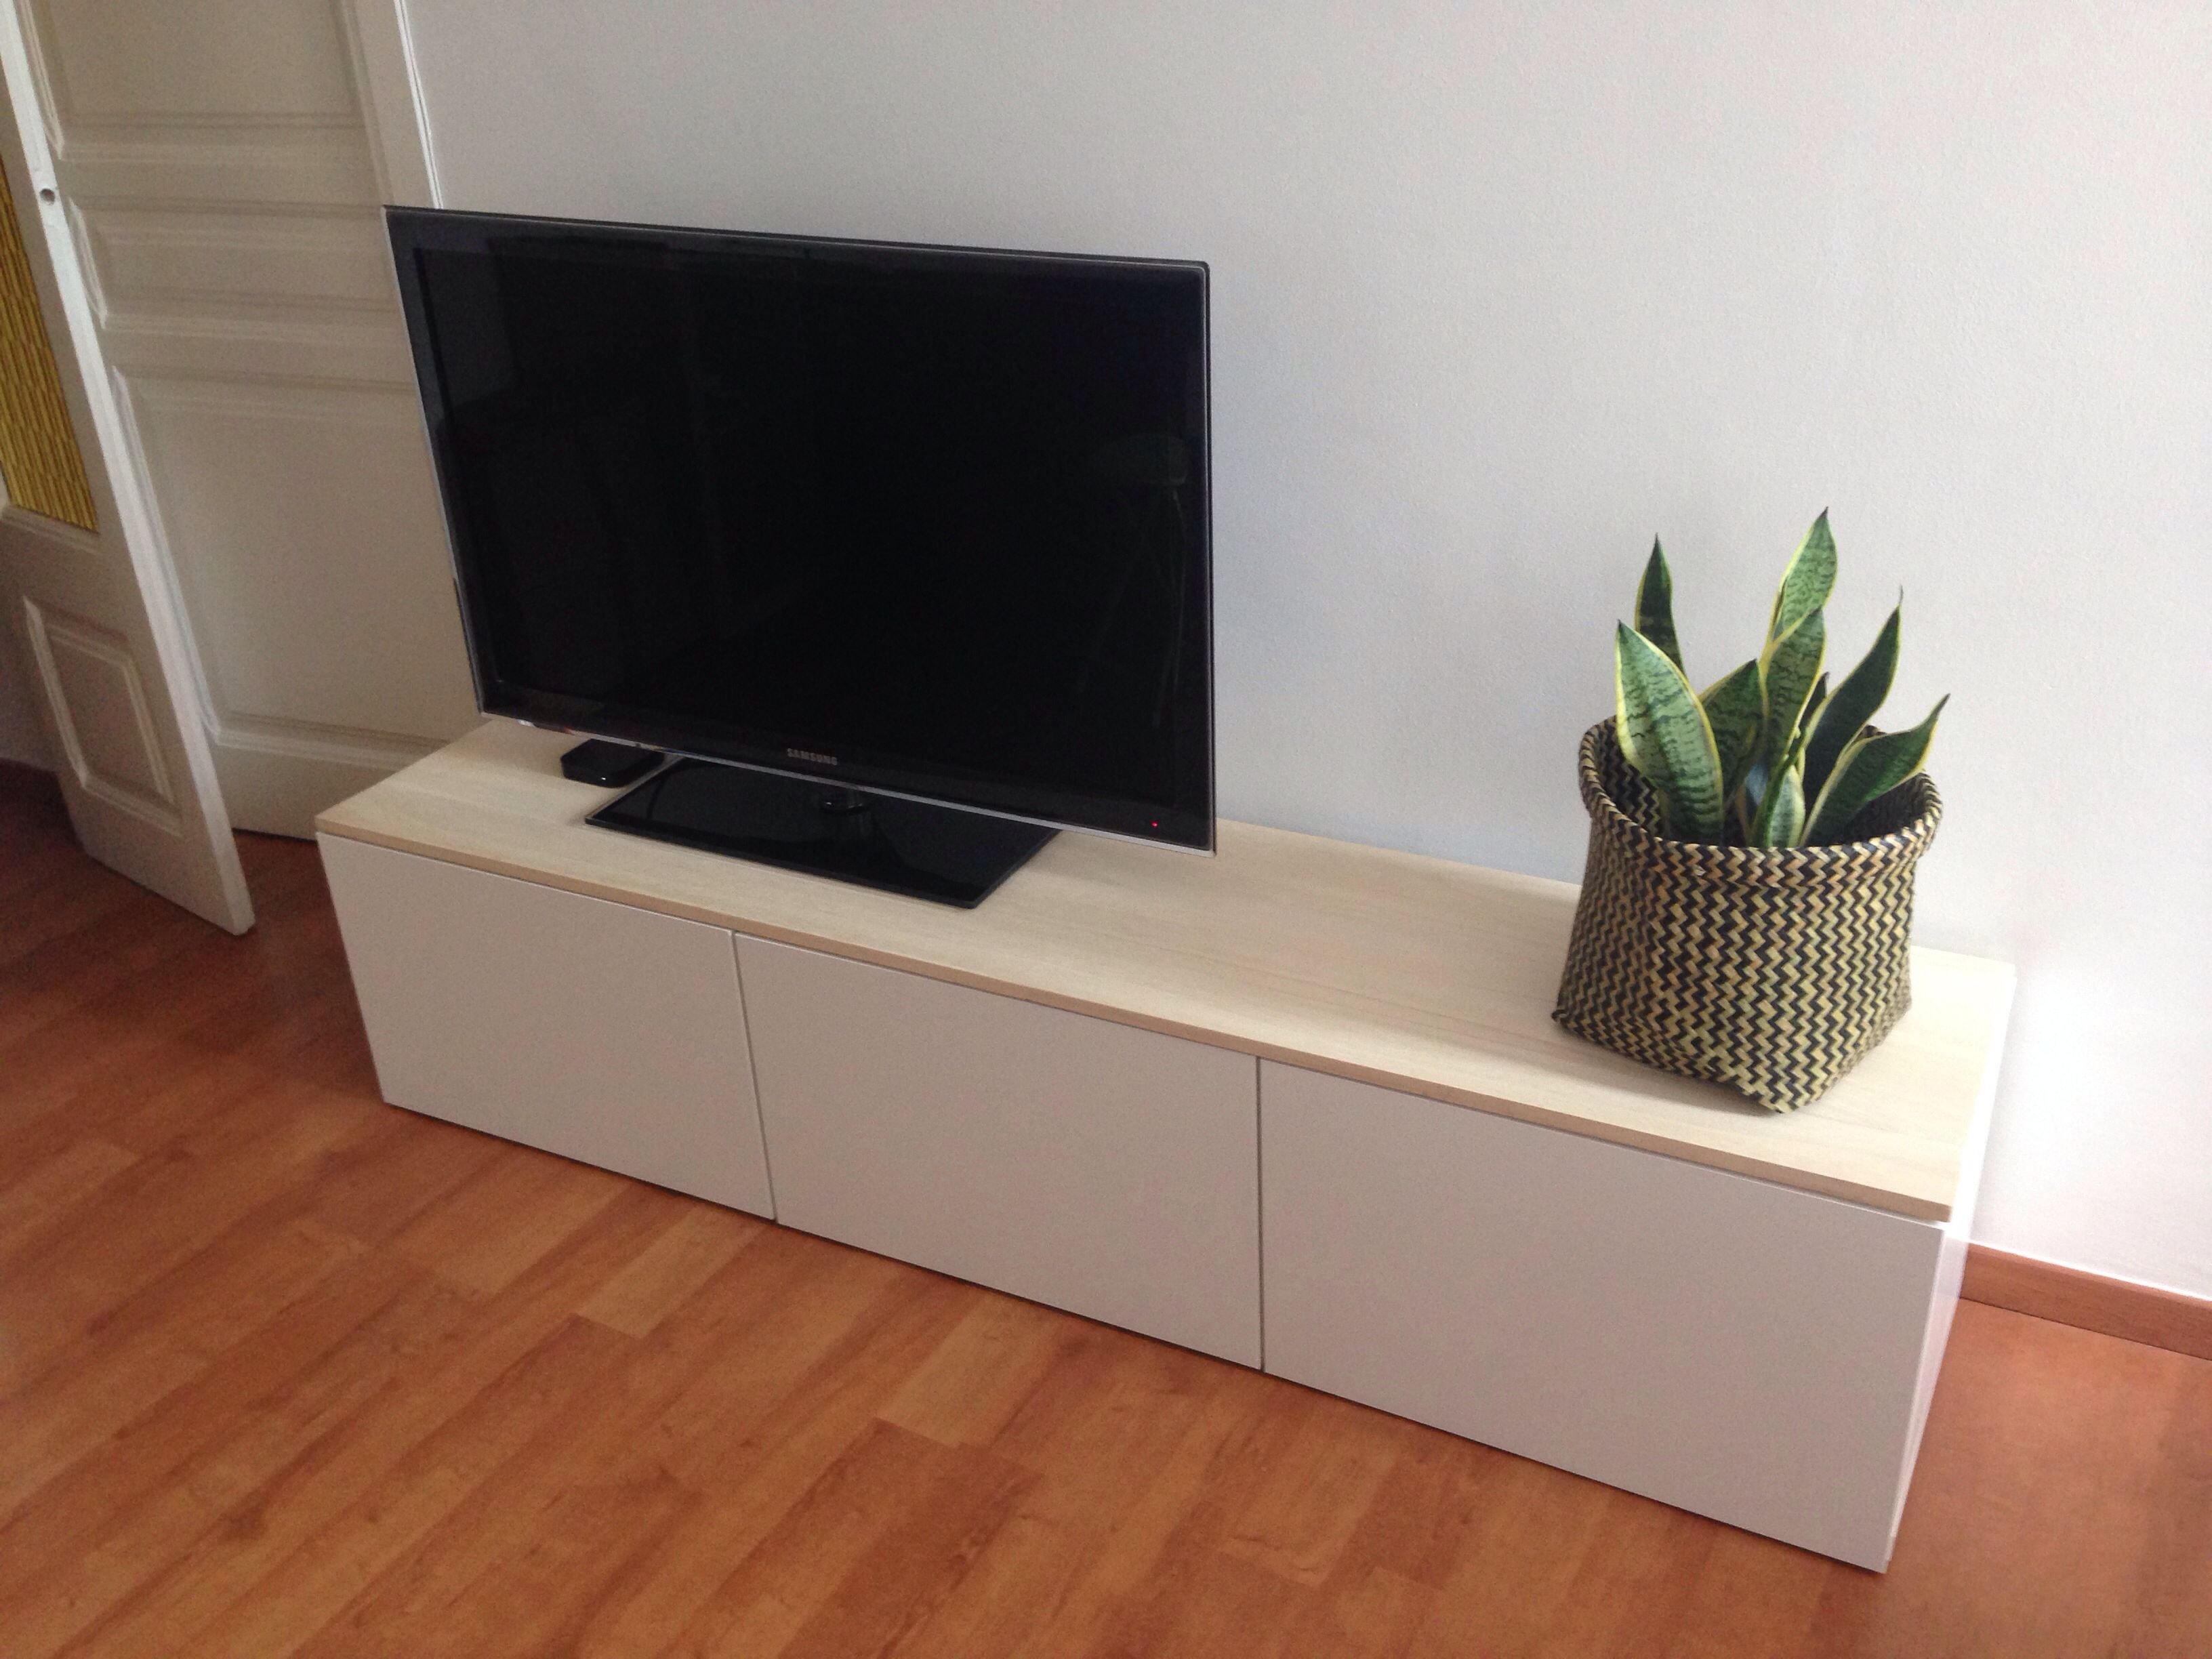 Mueble tv besta blanco de ikea decorado con tabl n de for Muebles comedor ikea